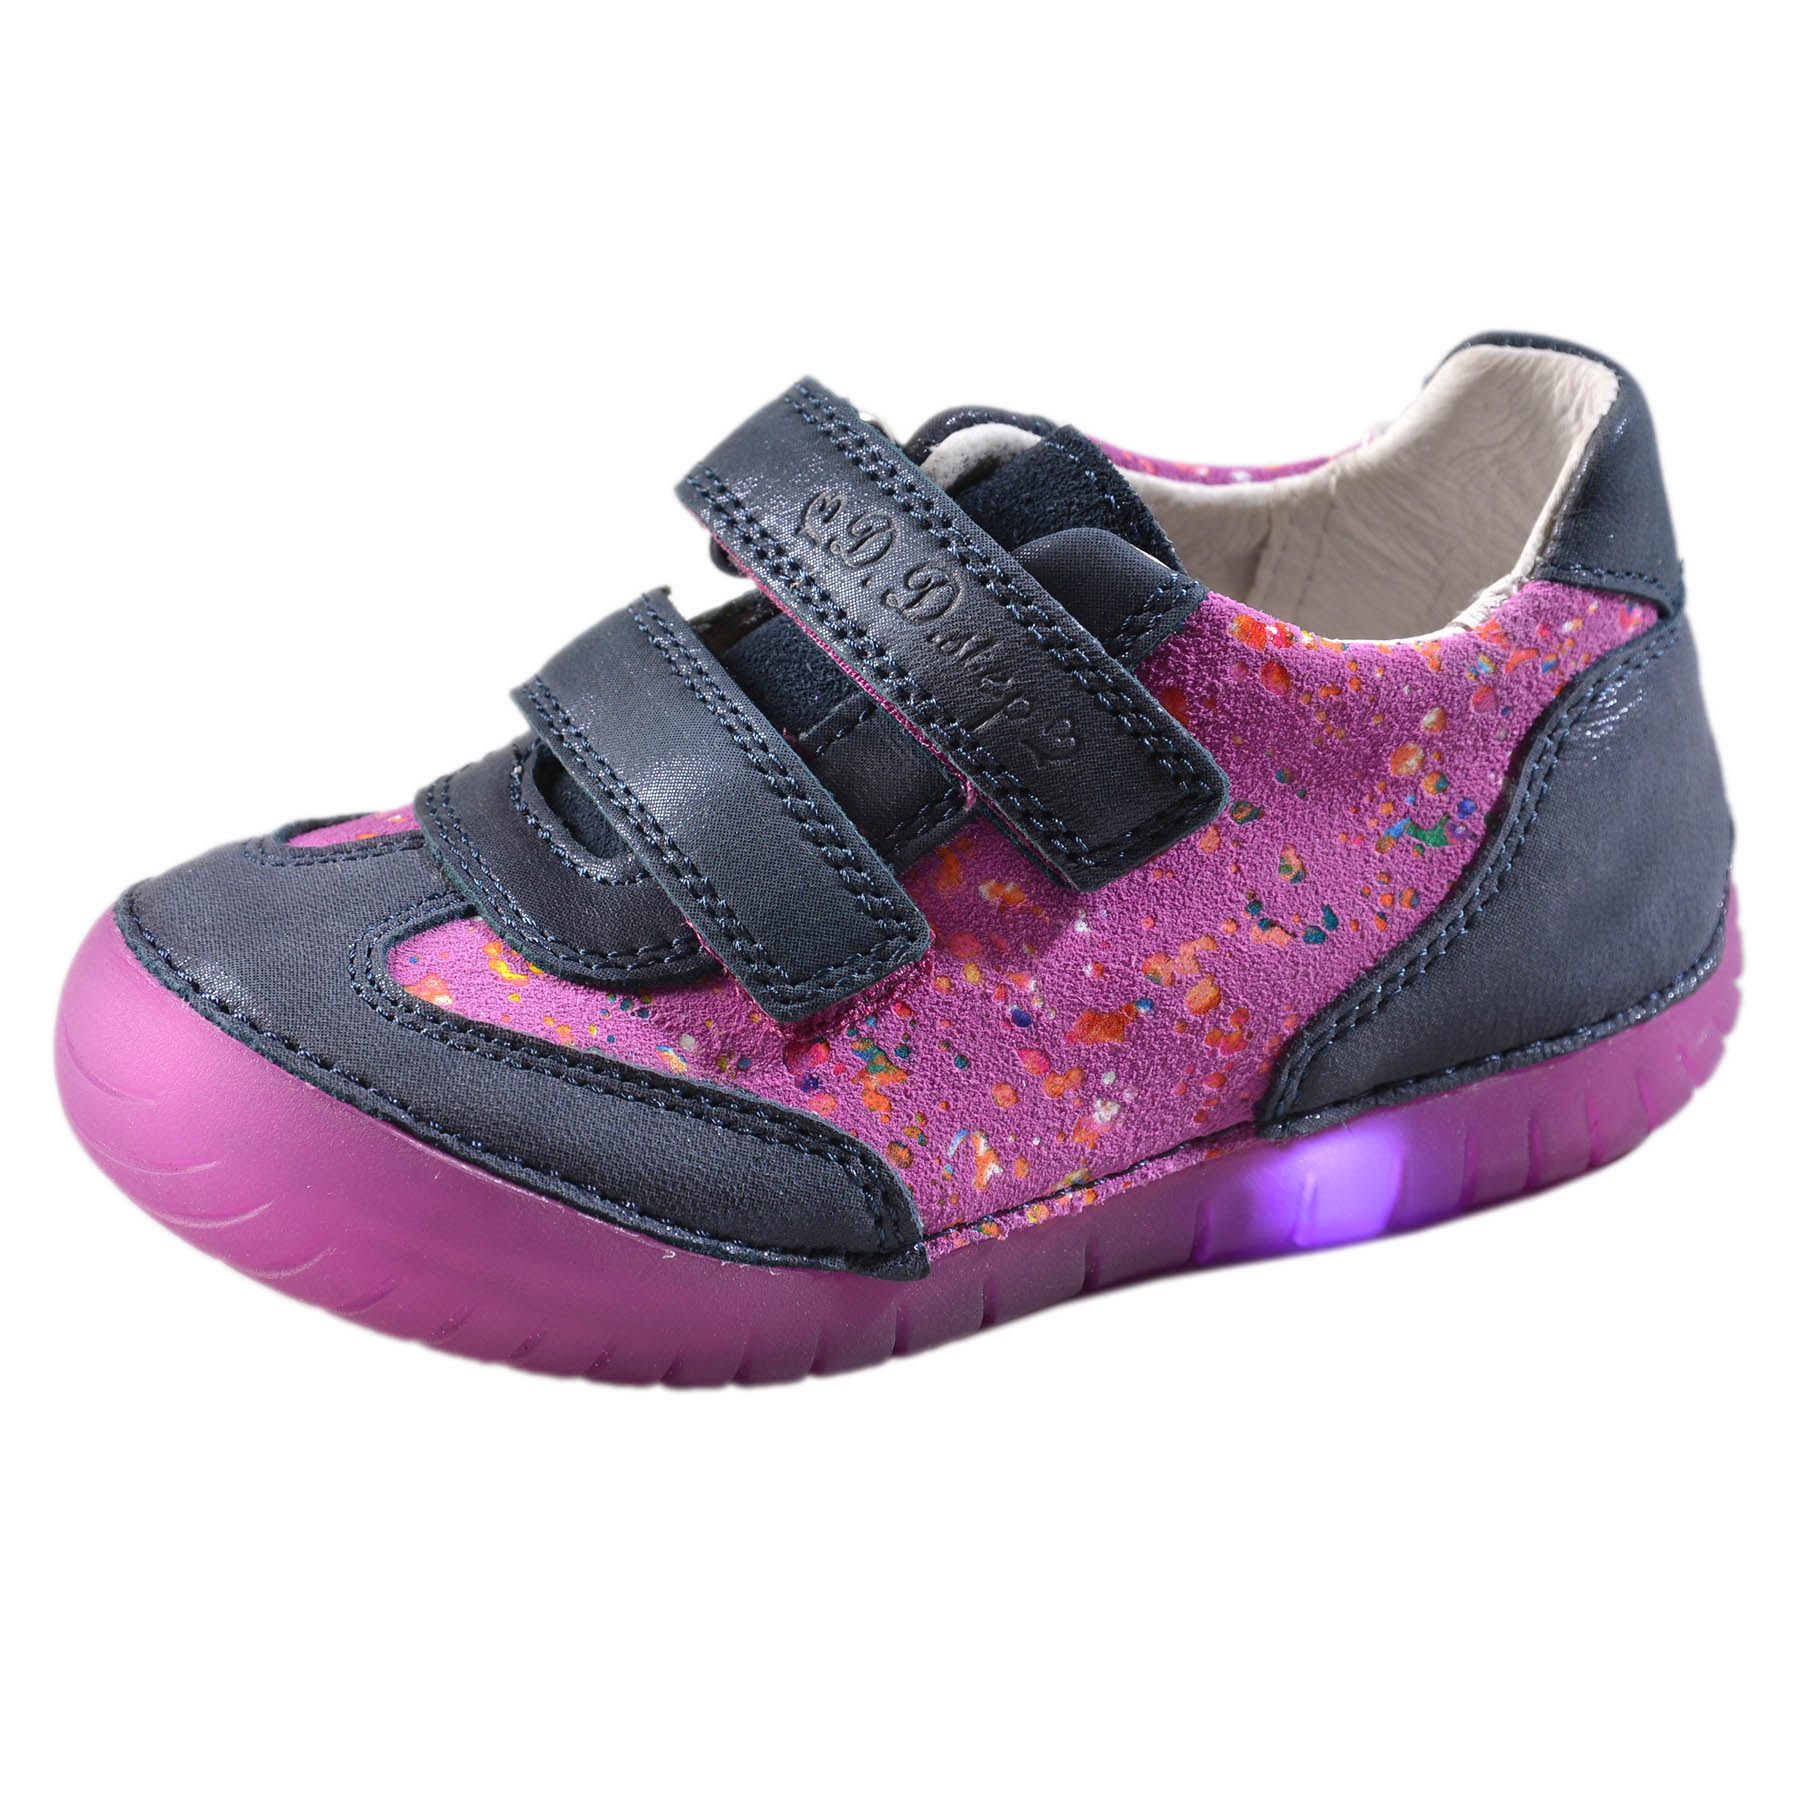 47140e068beca Dievčenské kožené blikajúce topánky-Violet DDstep - 050-4BM ...